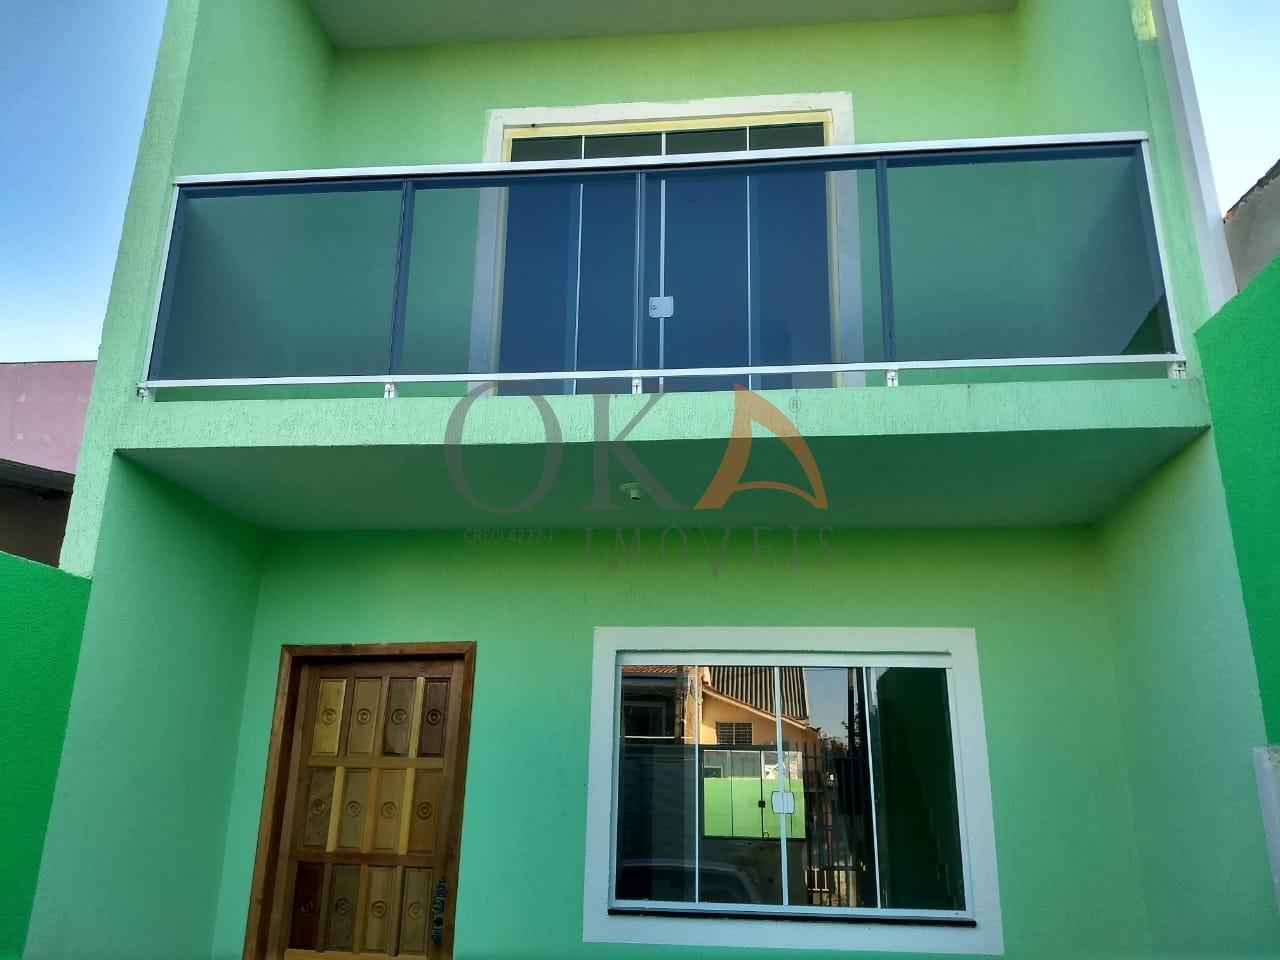 Sobrado 02 Suites em Curitiba é na Oka Imóveis